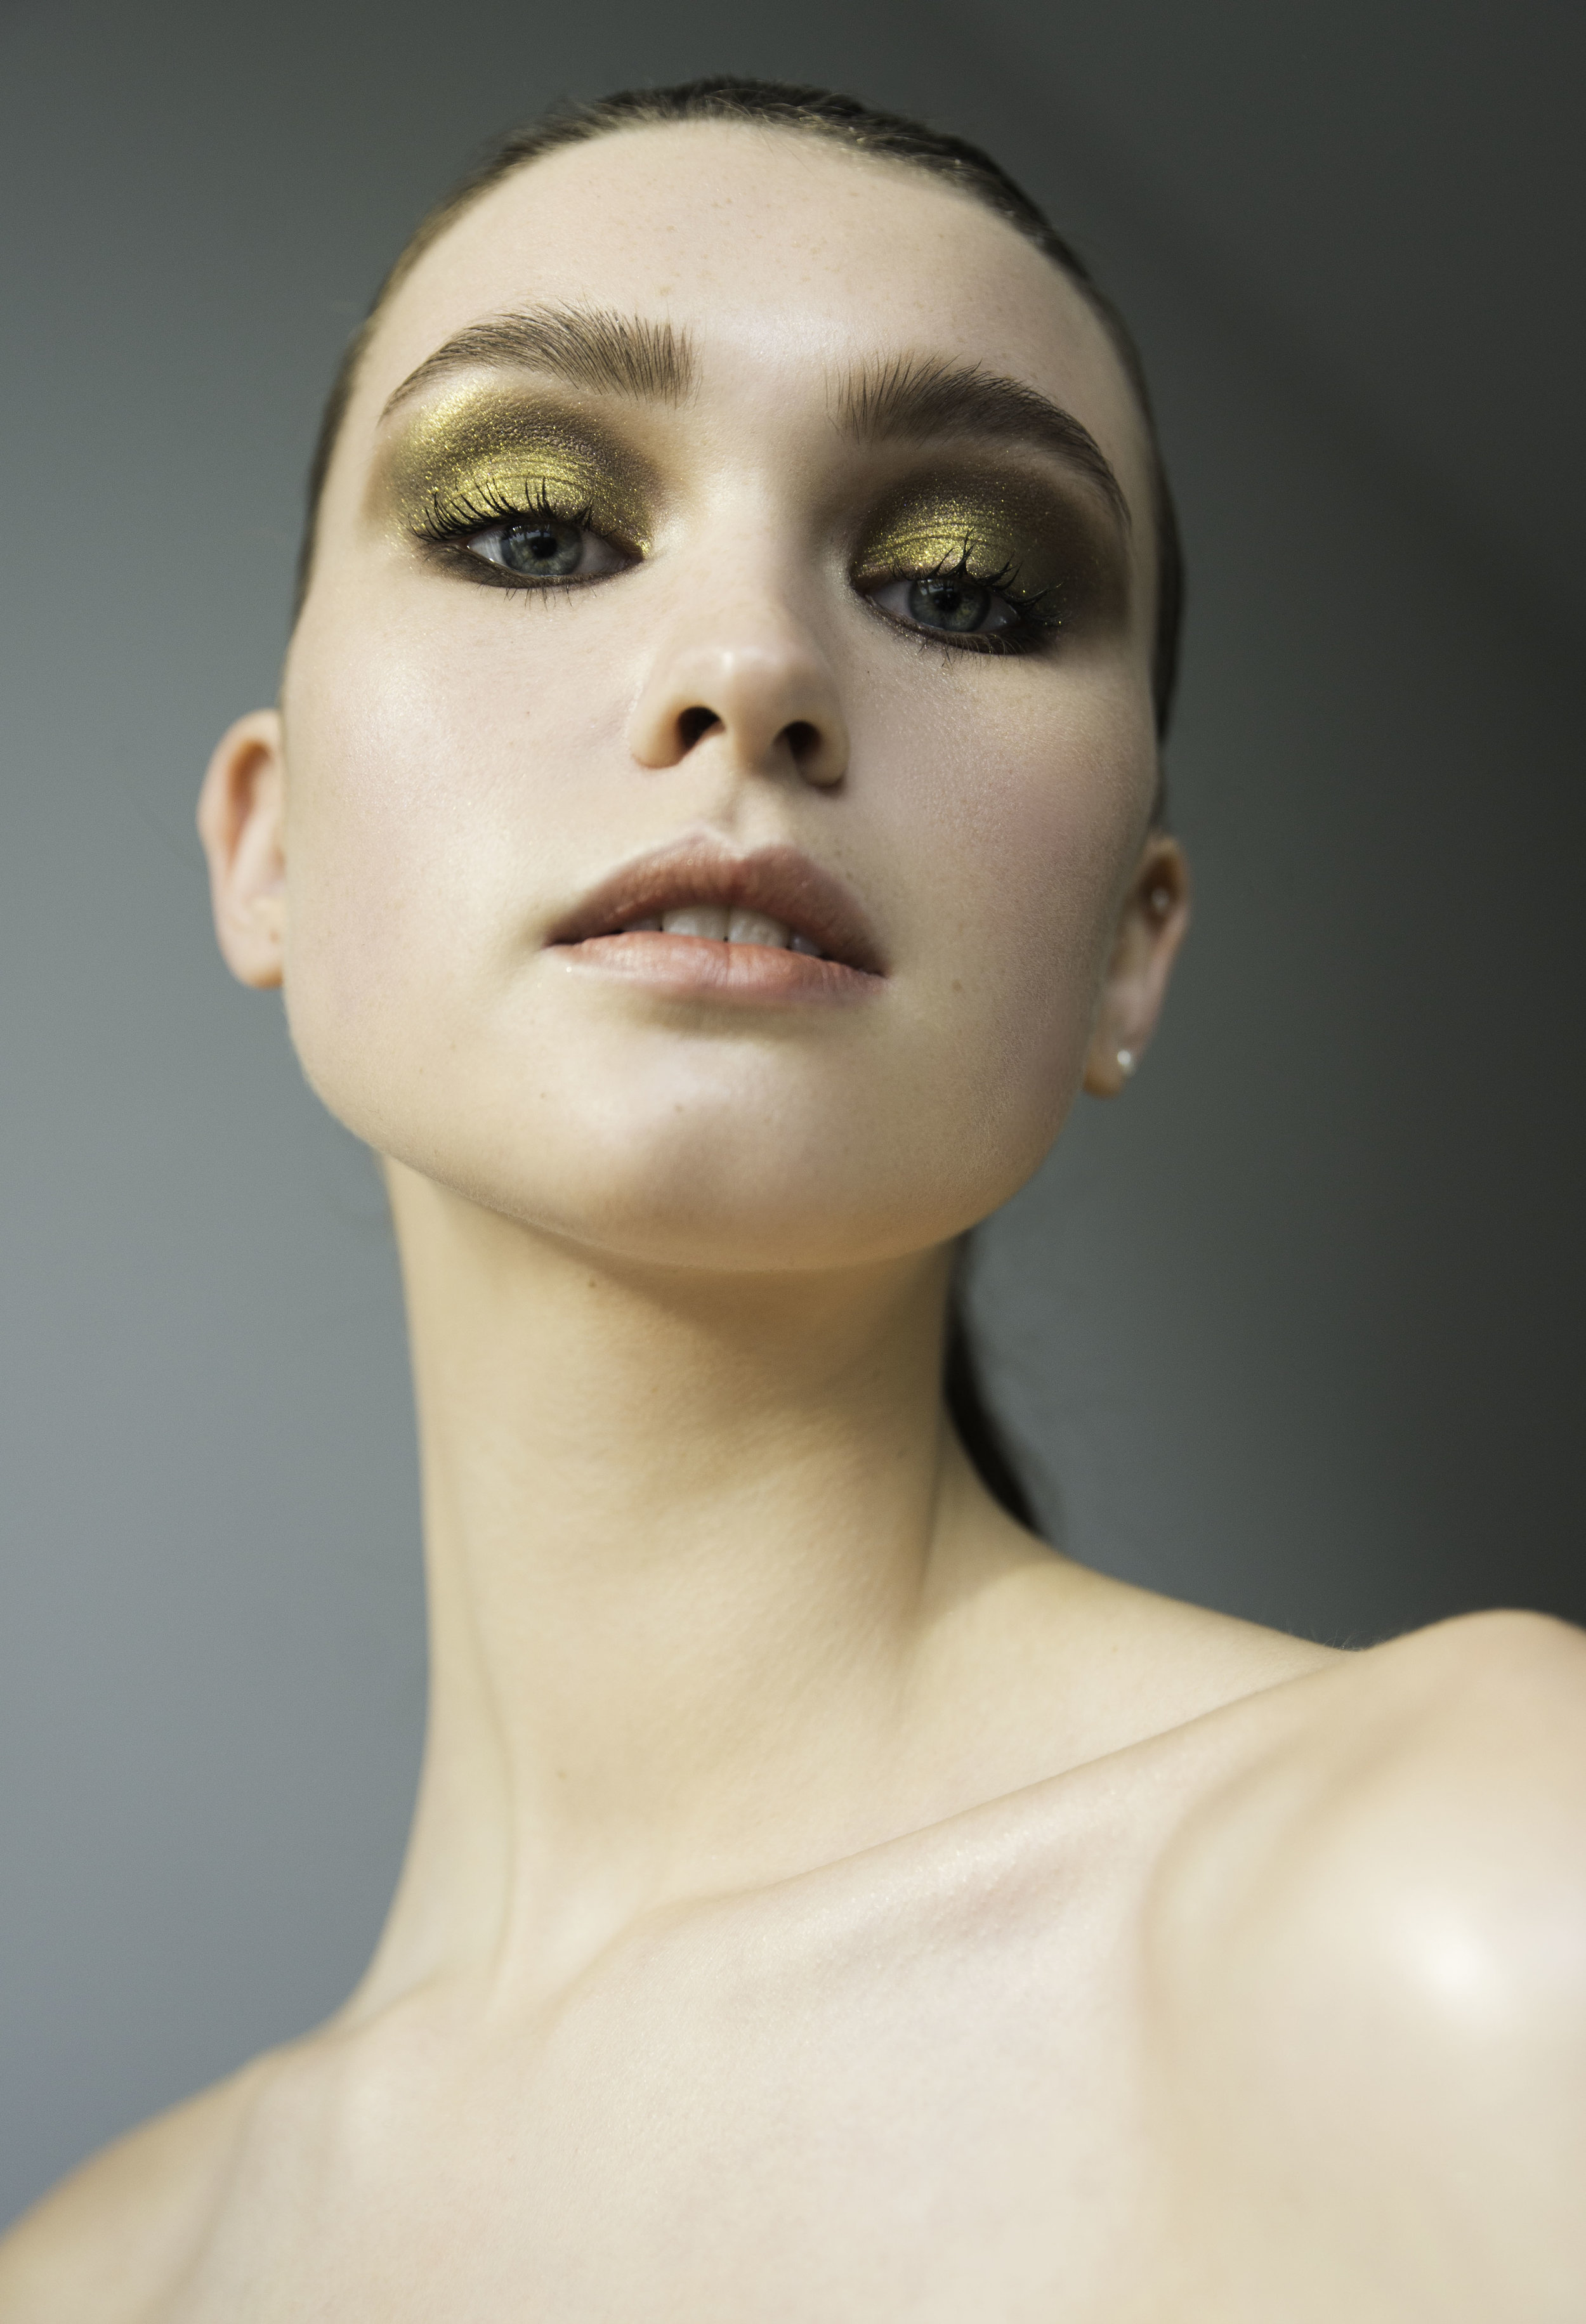 Photography by Anna Rosova